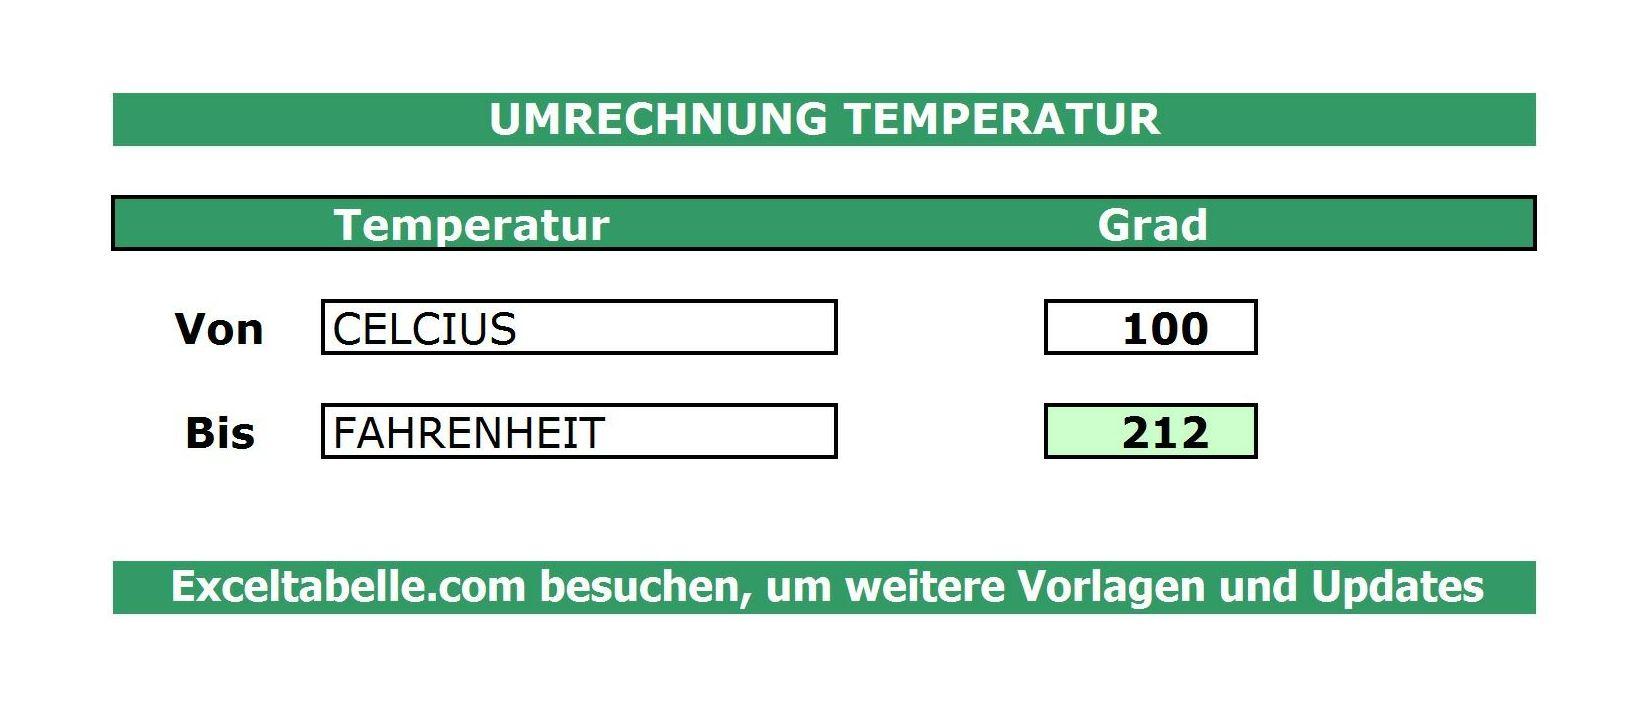 Temperatur Umrechnung